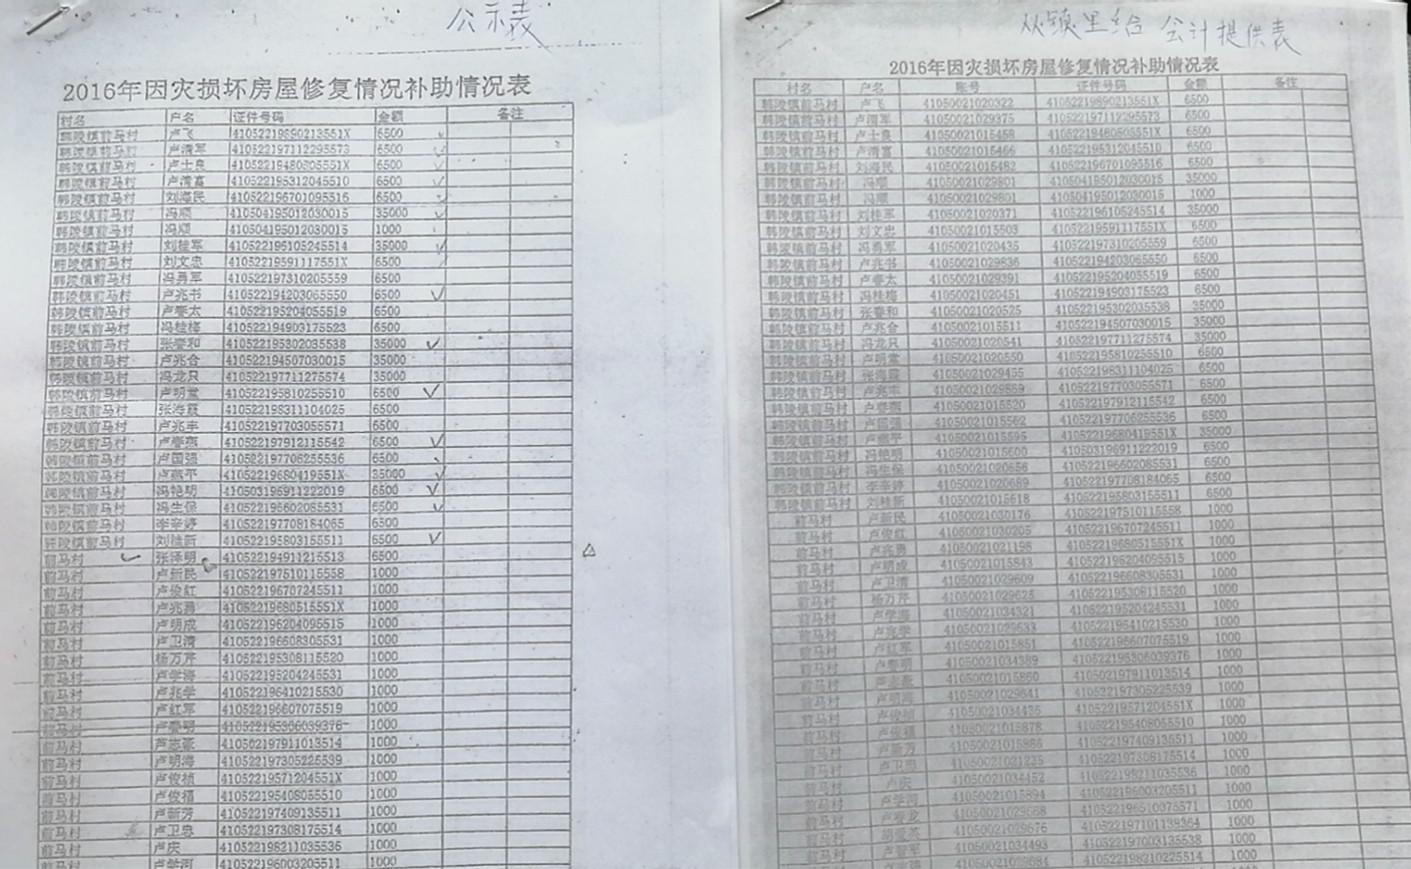 """从协商赔偿到拘捕判刑 河南安阳县四人""""敲诈勒索案""""引争议"""